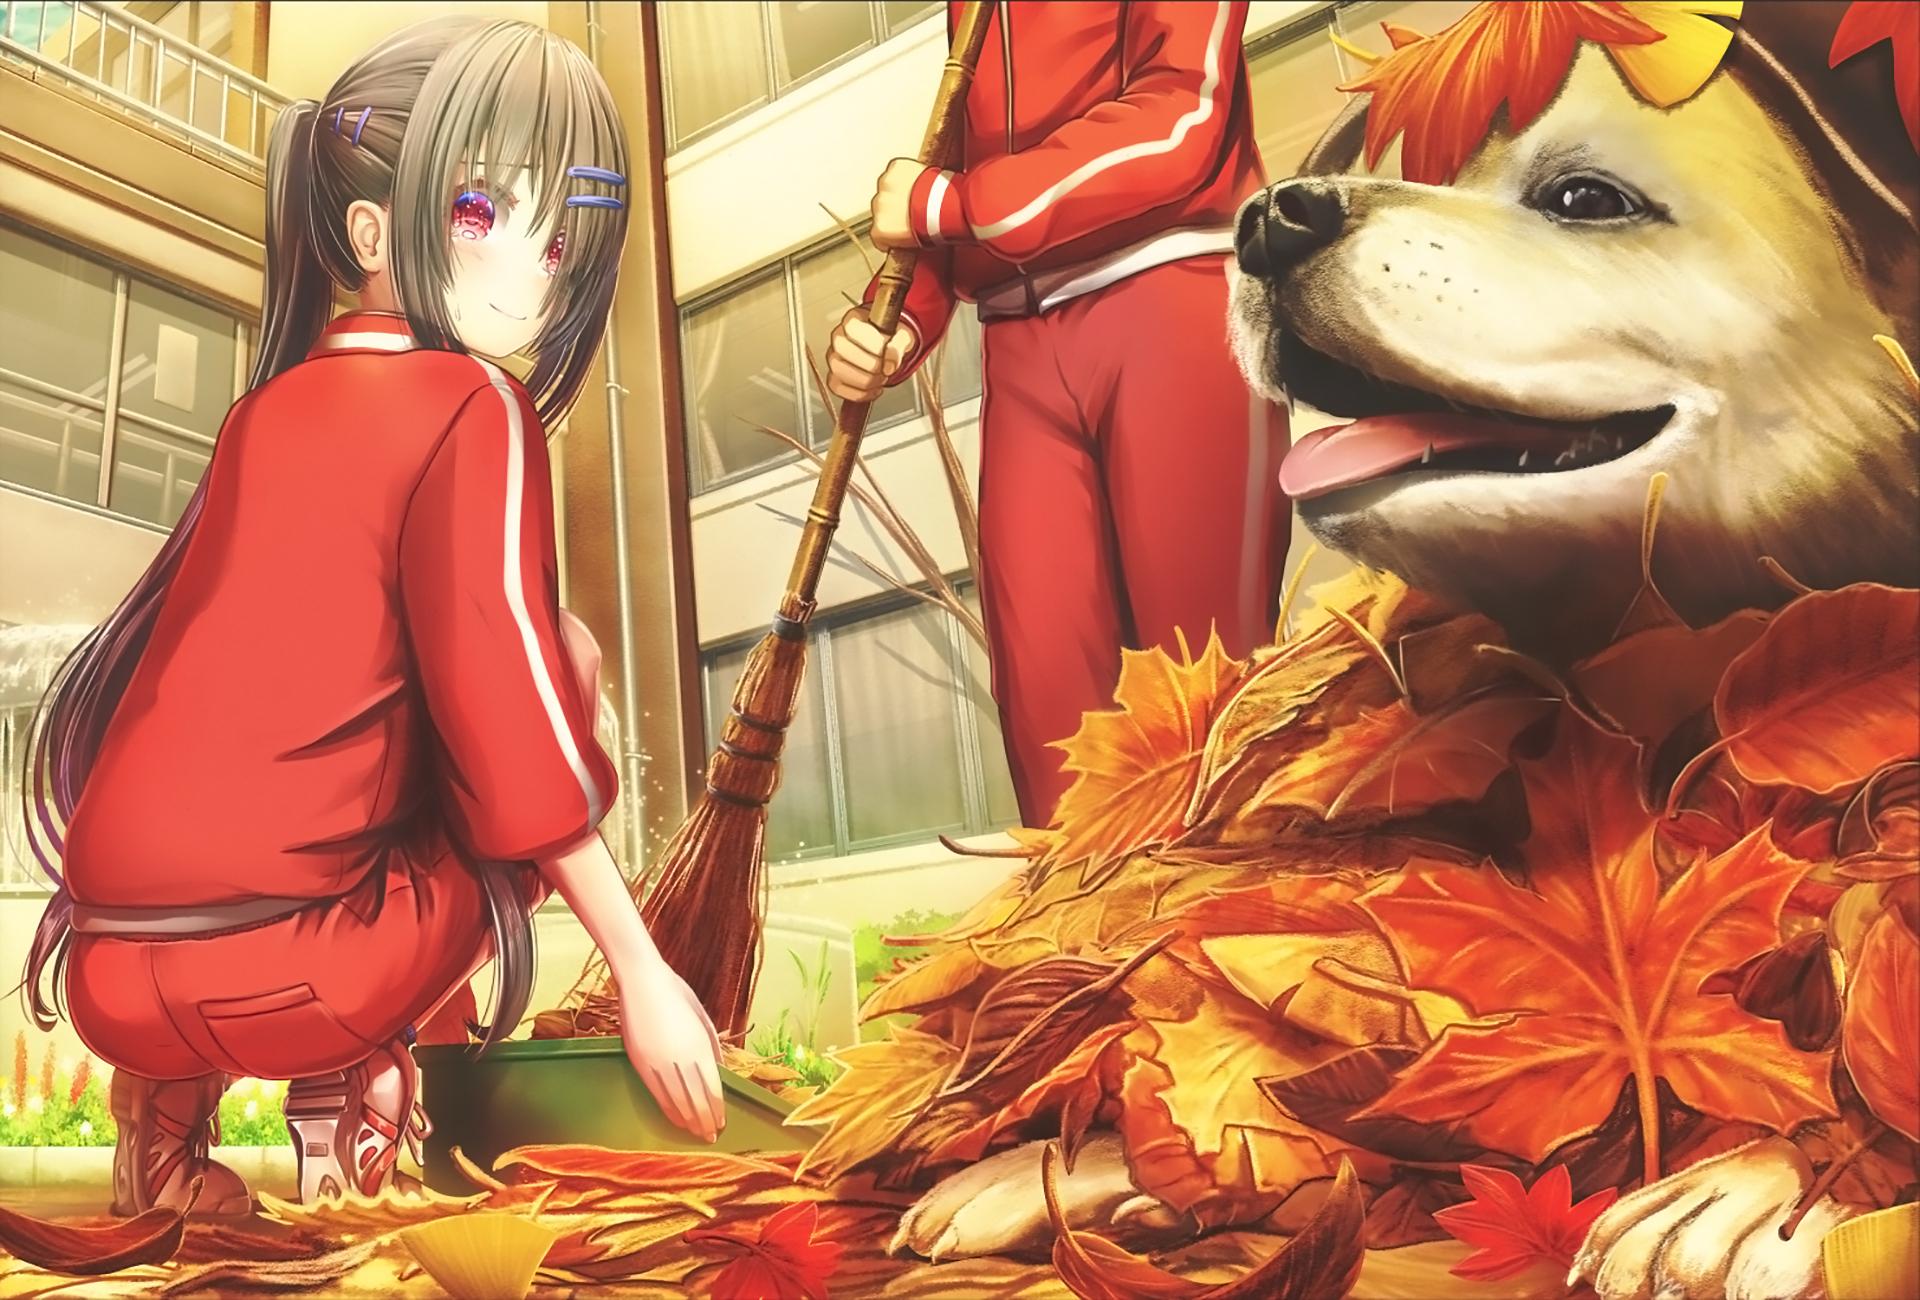 Dog Leaf Broom Girl Red Eyes Cute Schoolgirl 1920x1300